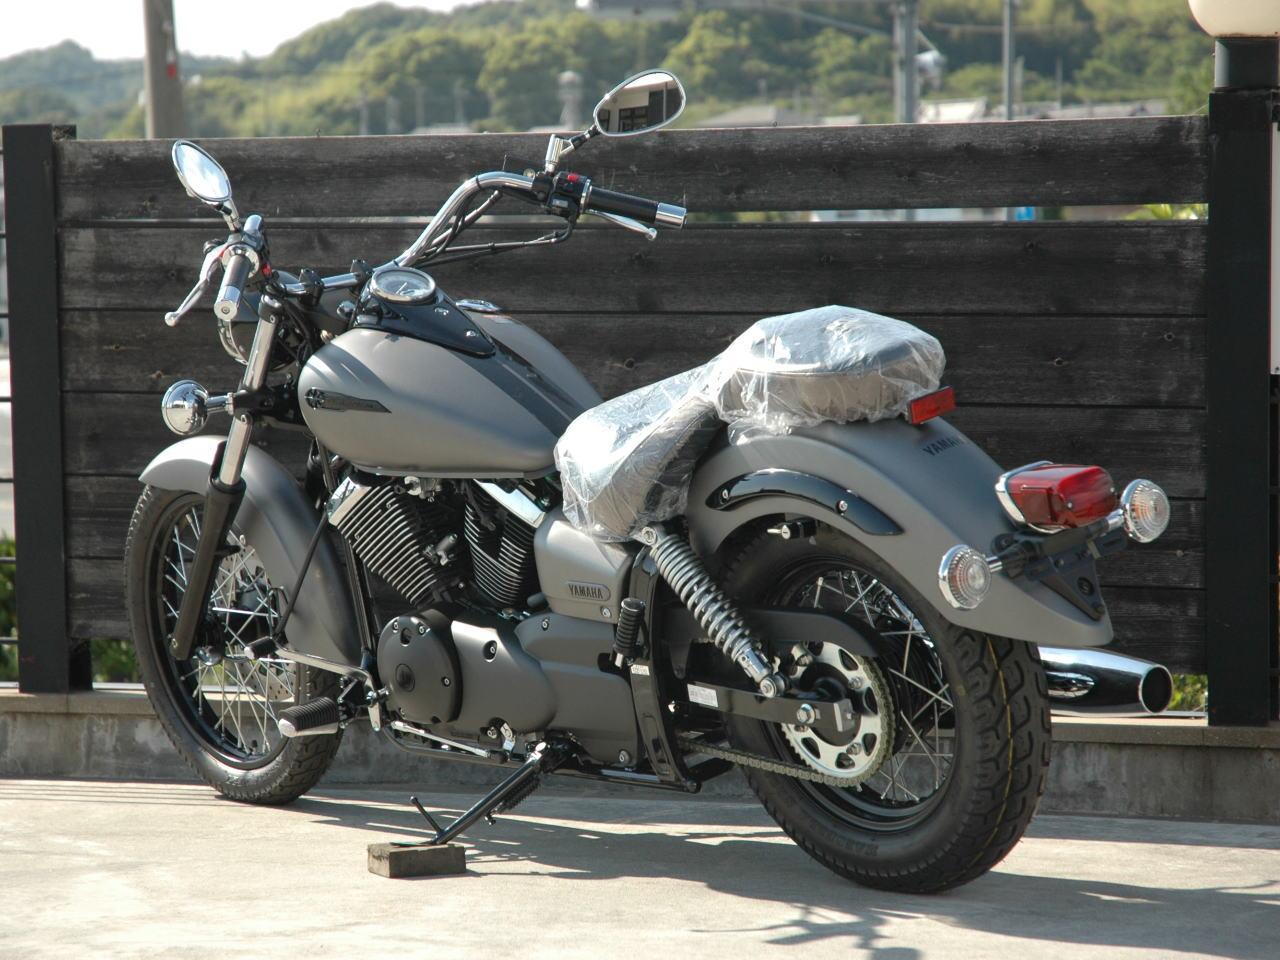 new-ds250-black-150525-2.jpg